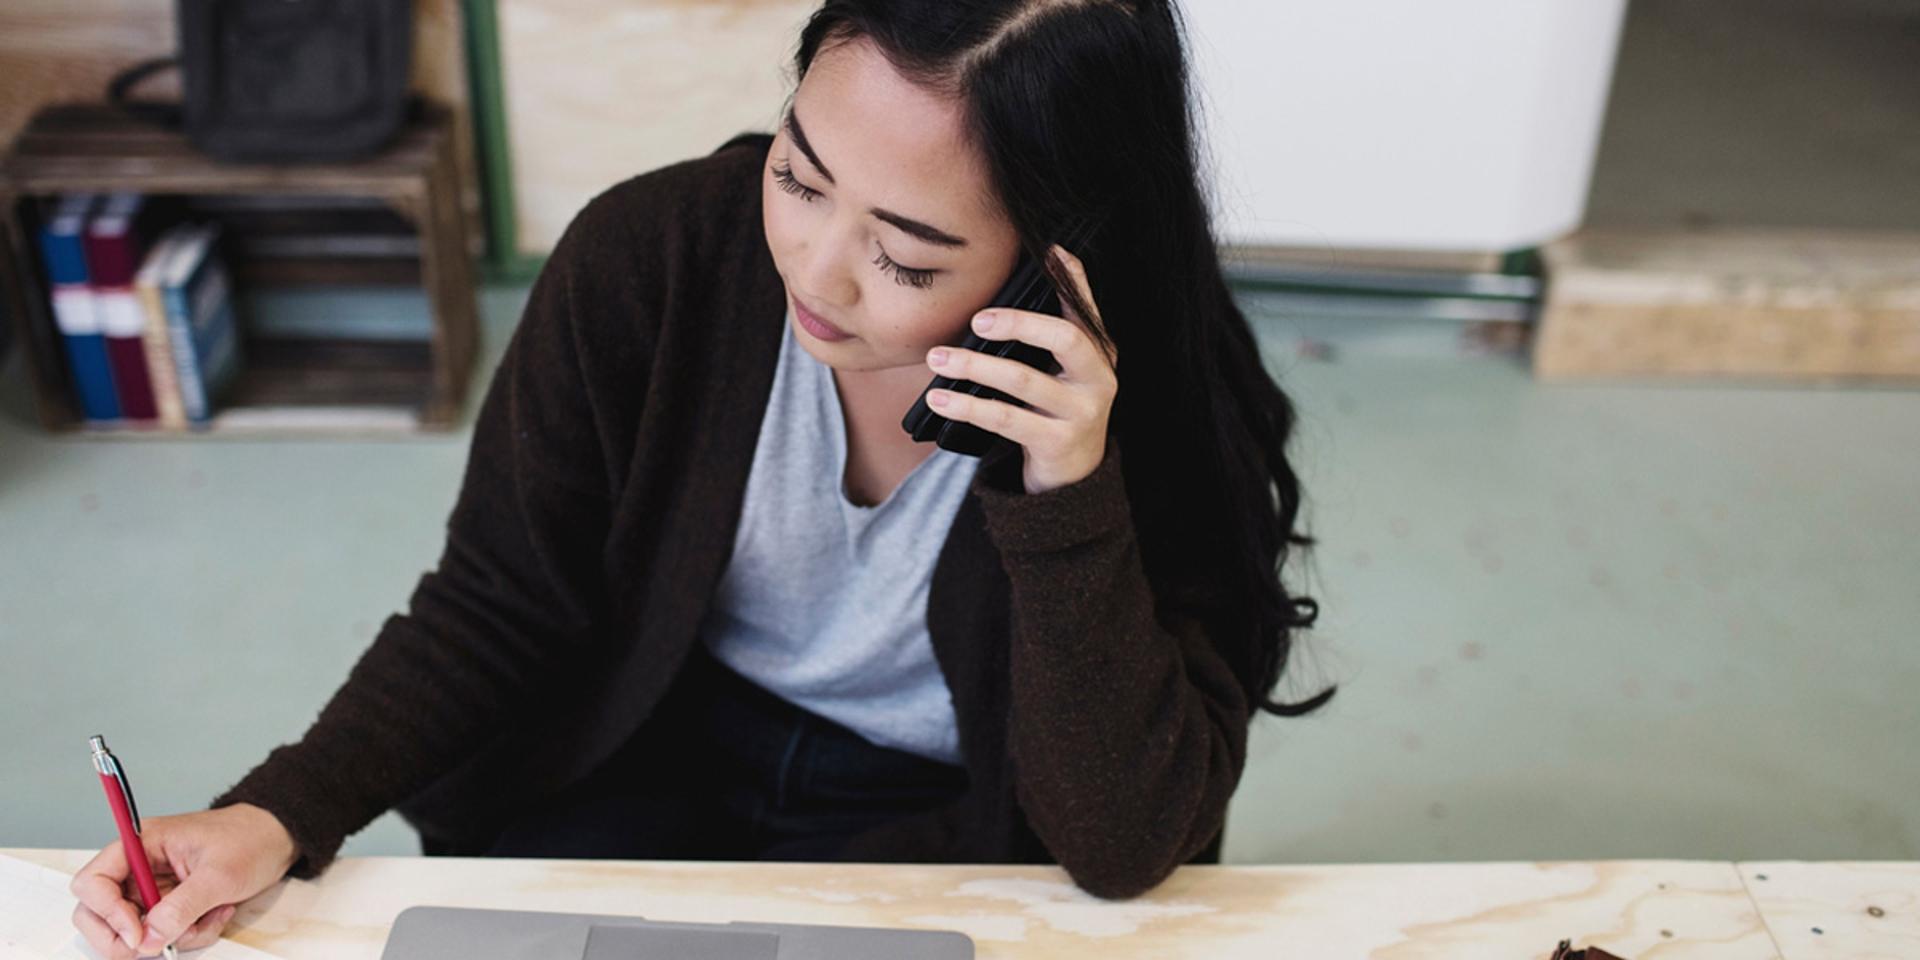 Agence de recrutement spécialiste des jeunes professionnels pour les missions ou postes en compliance et juridique.